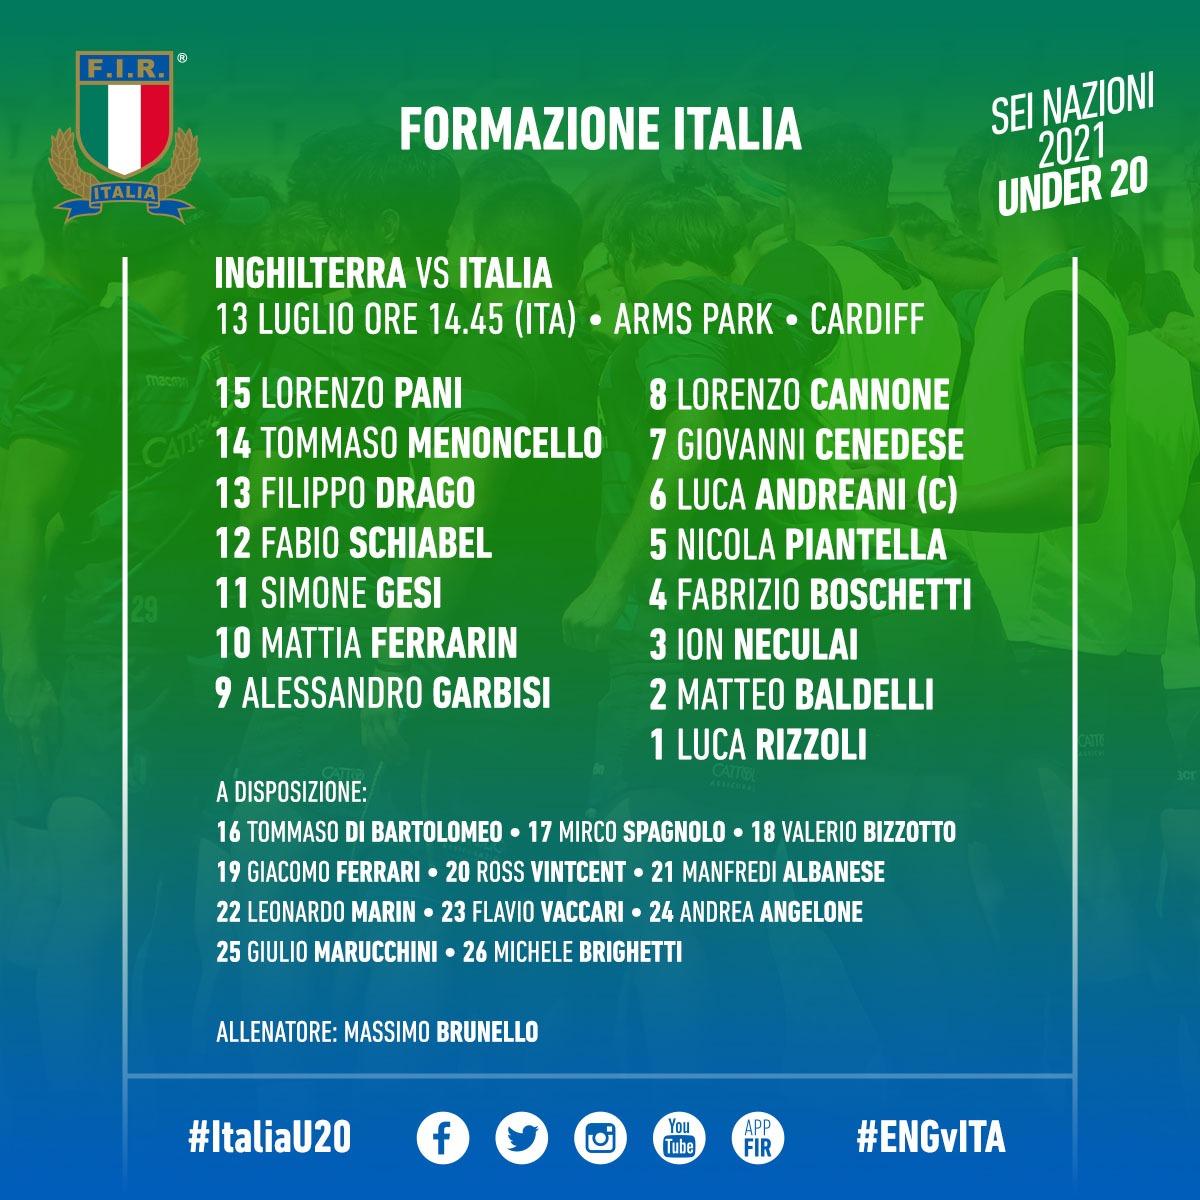 formazione italia inghilterra u20 2021